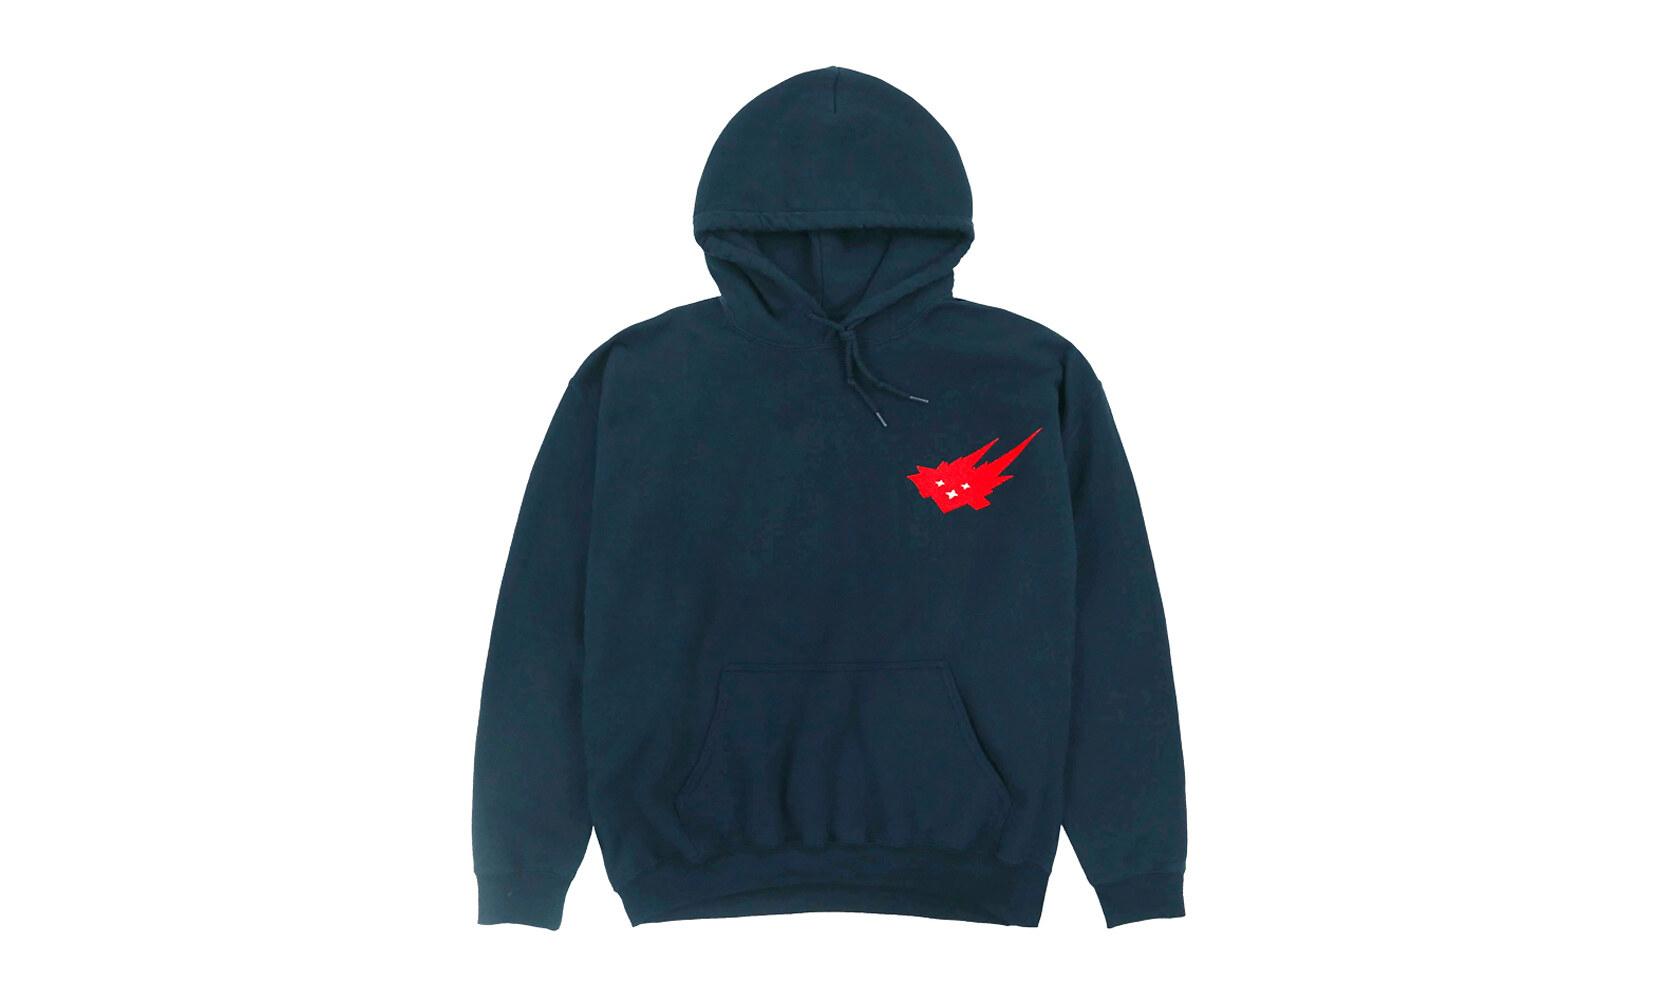 Travis Scott Cacti Merch hoodie